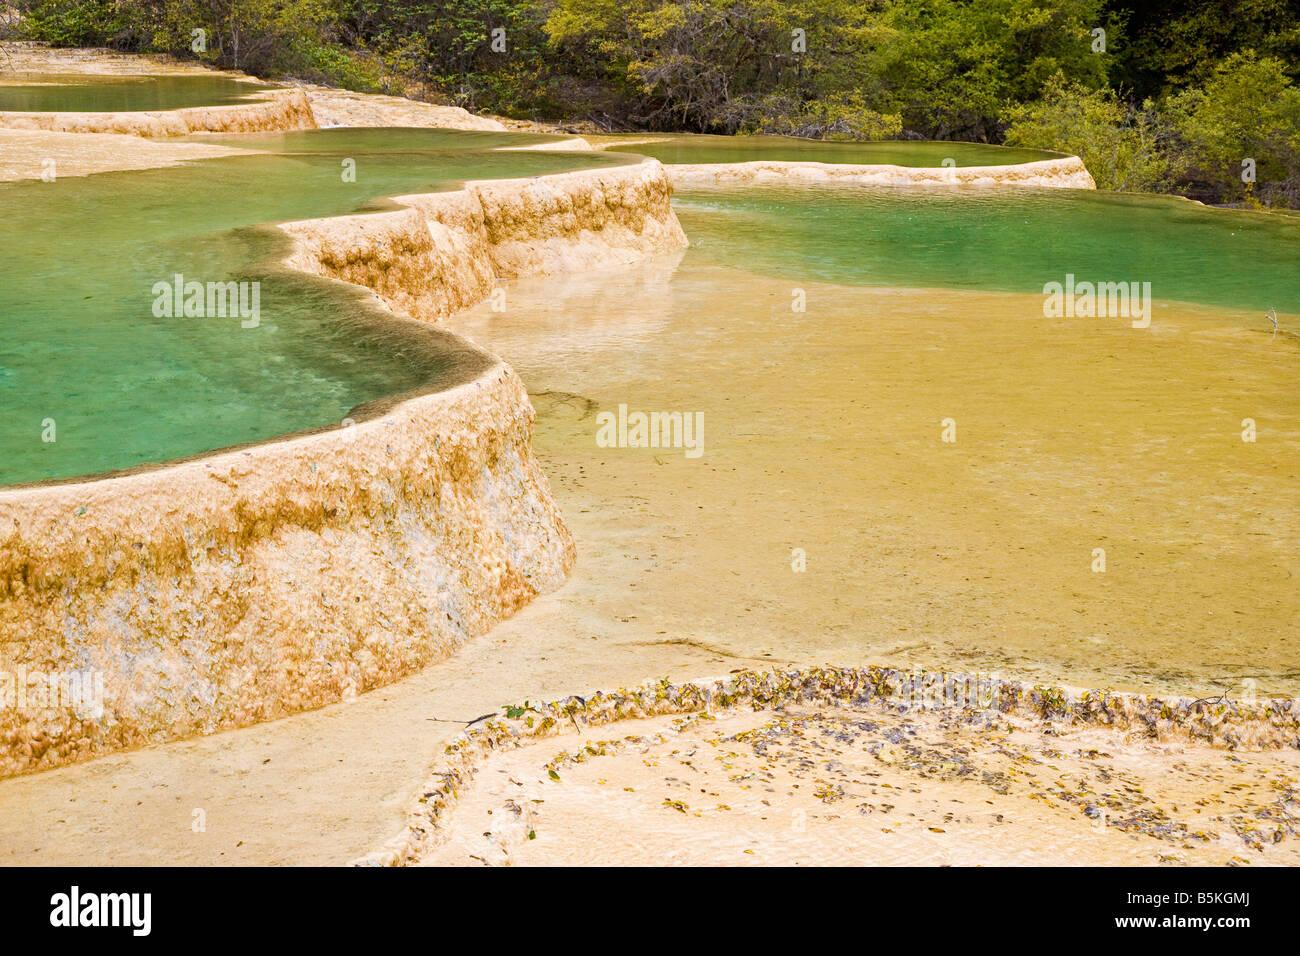 5 Couleurs De Calcite Travertin Piscine Terrasse Dans La Province Du